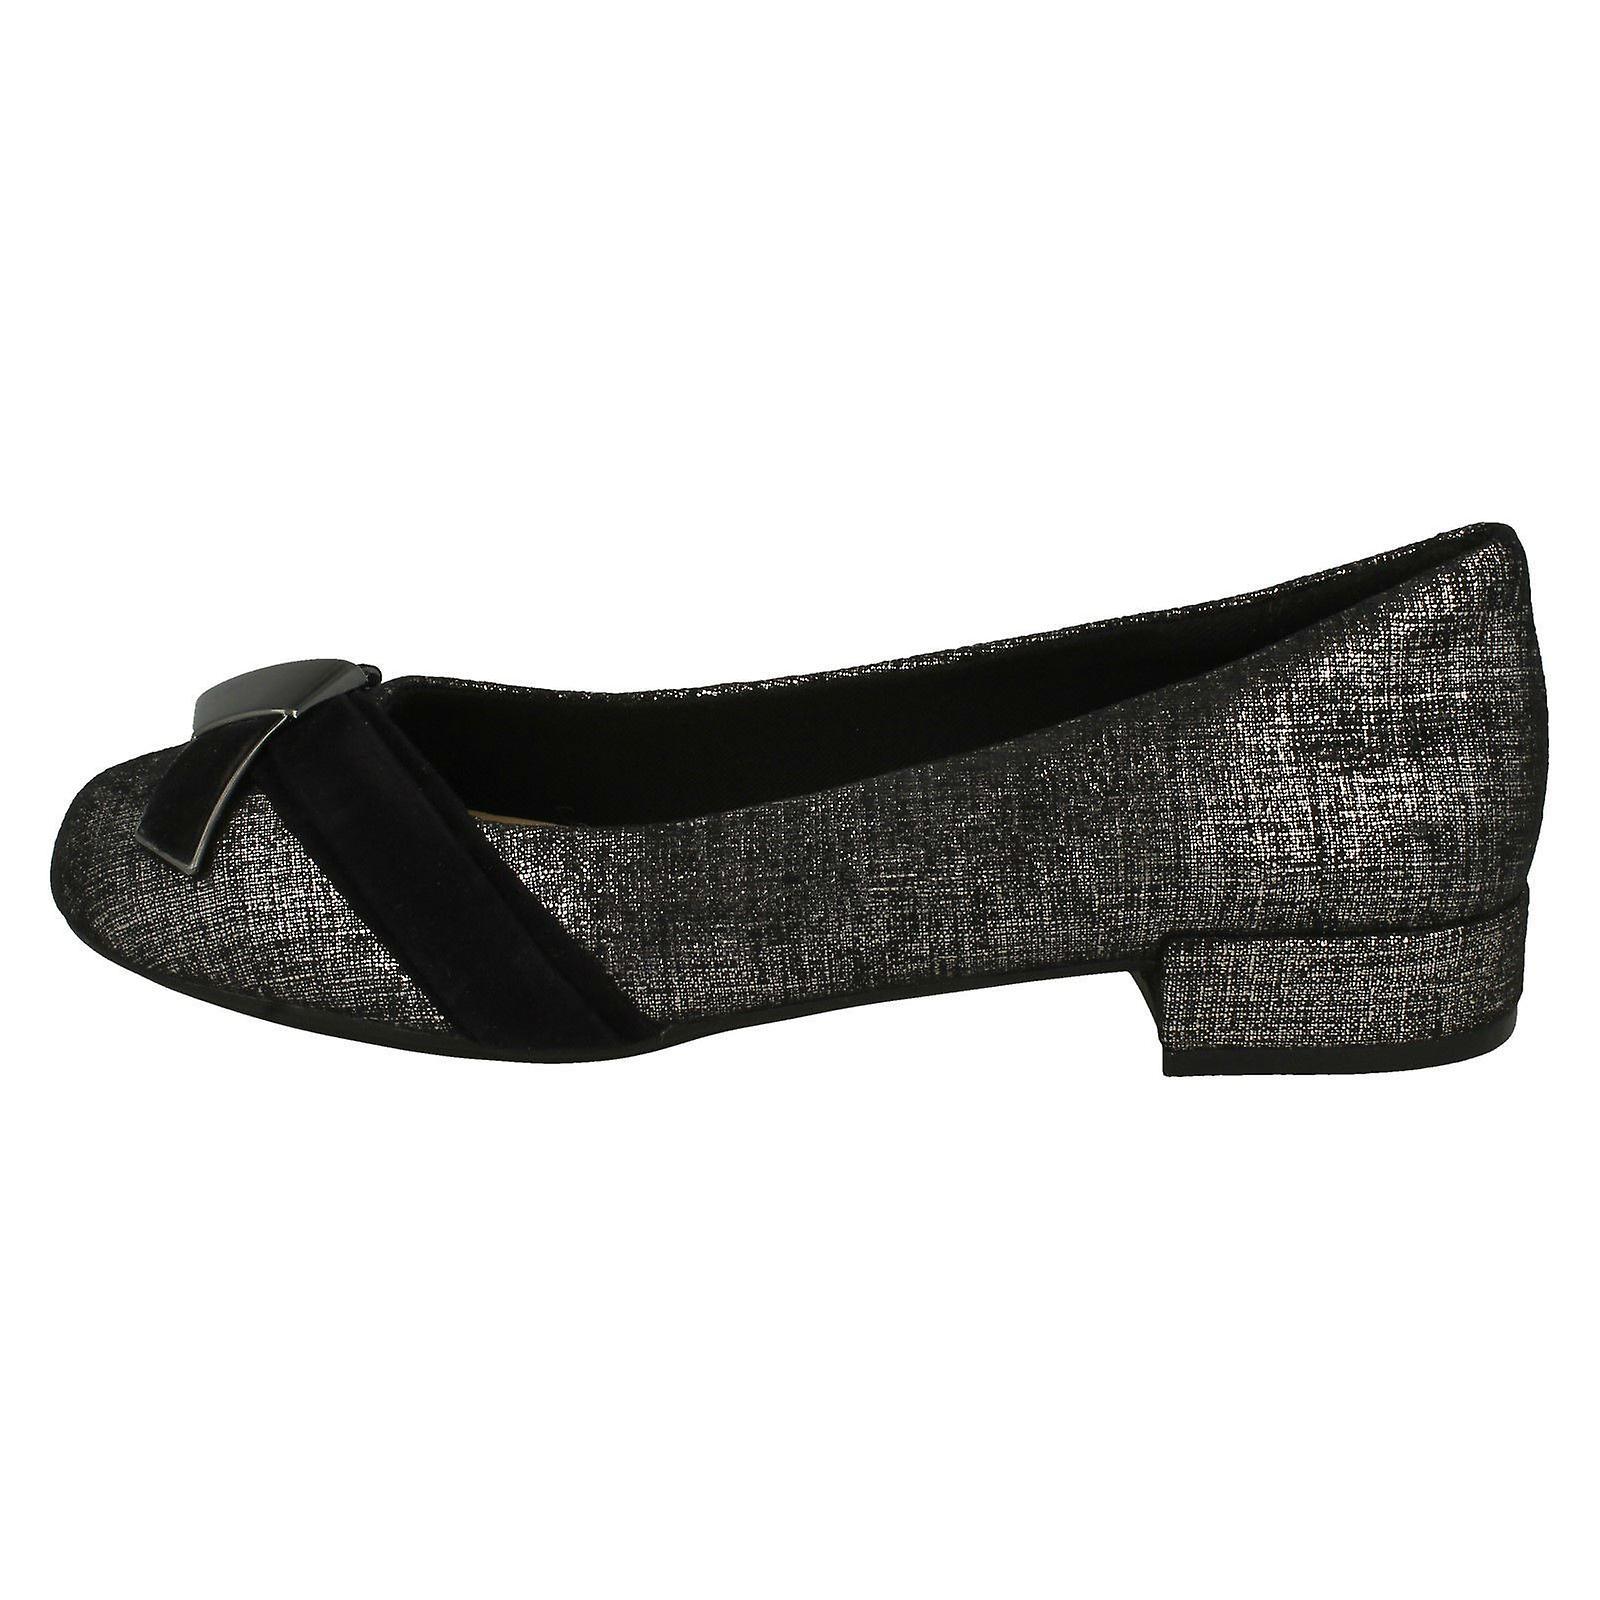 Clarks damskie stylowe krzyż księżyc usługa szczegółowe buty BqdmF